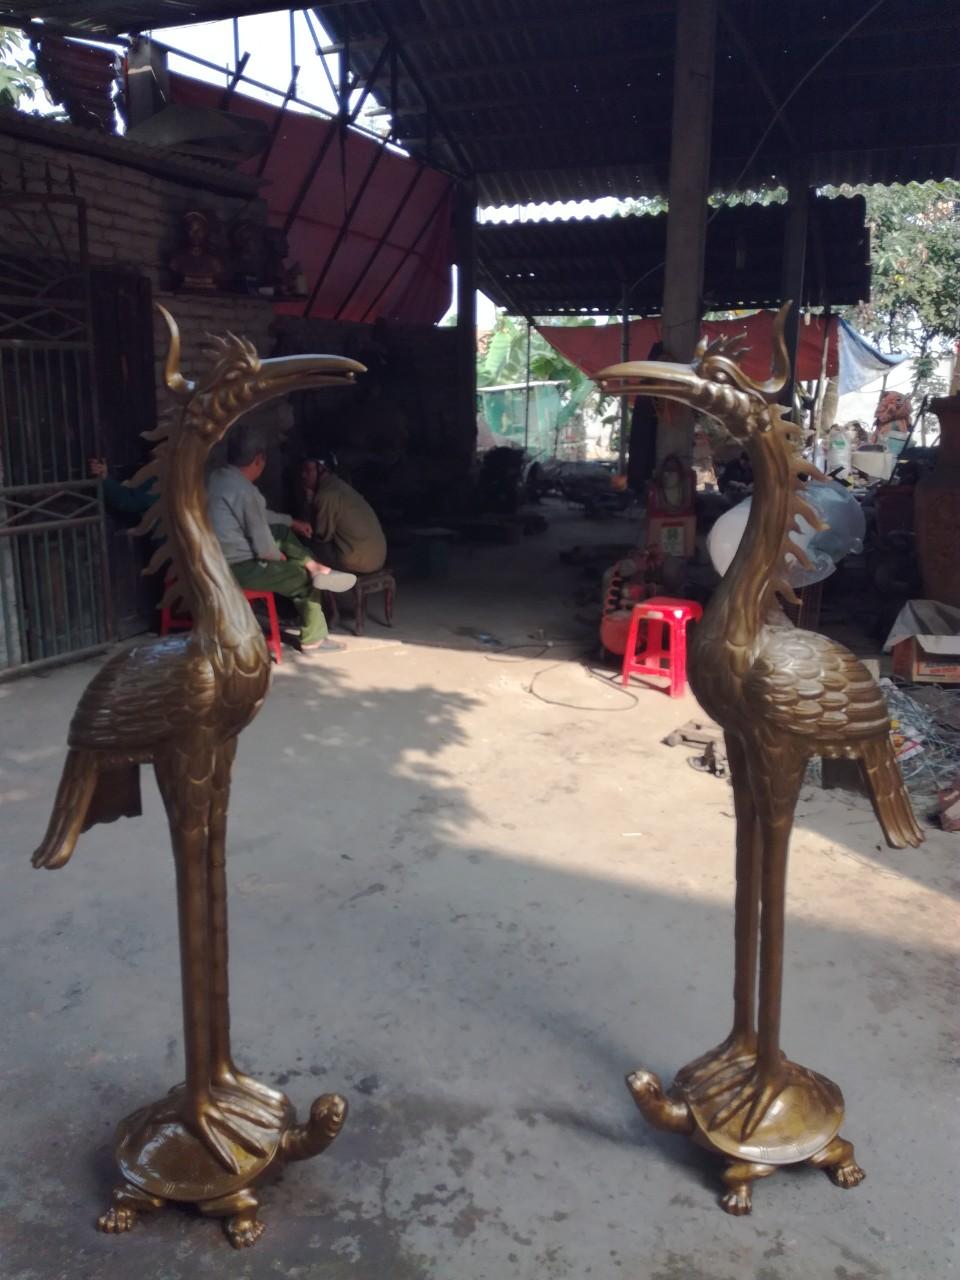 Hạc đồng thờ cúng chất lượng cao tại Đồ đồng Việt